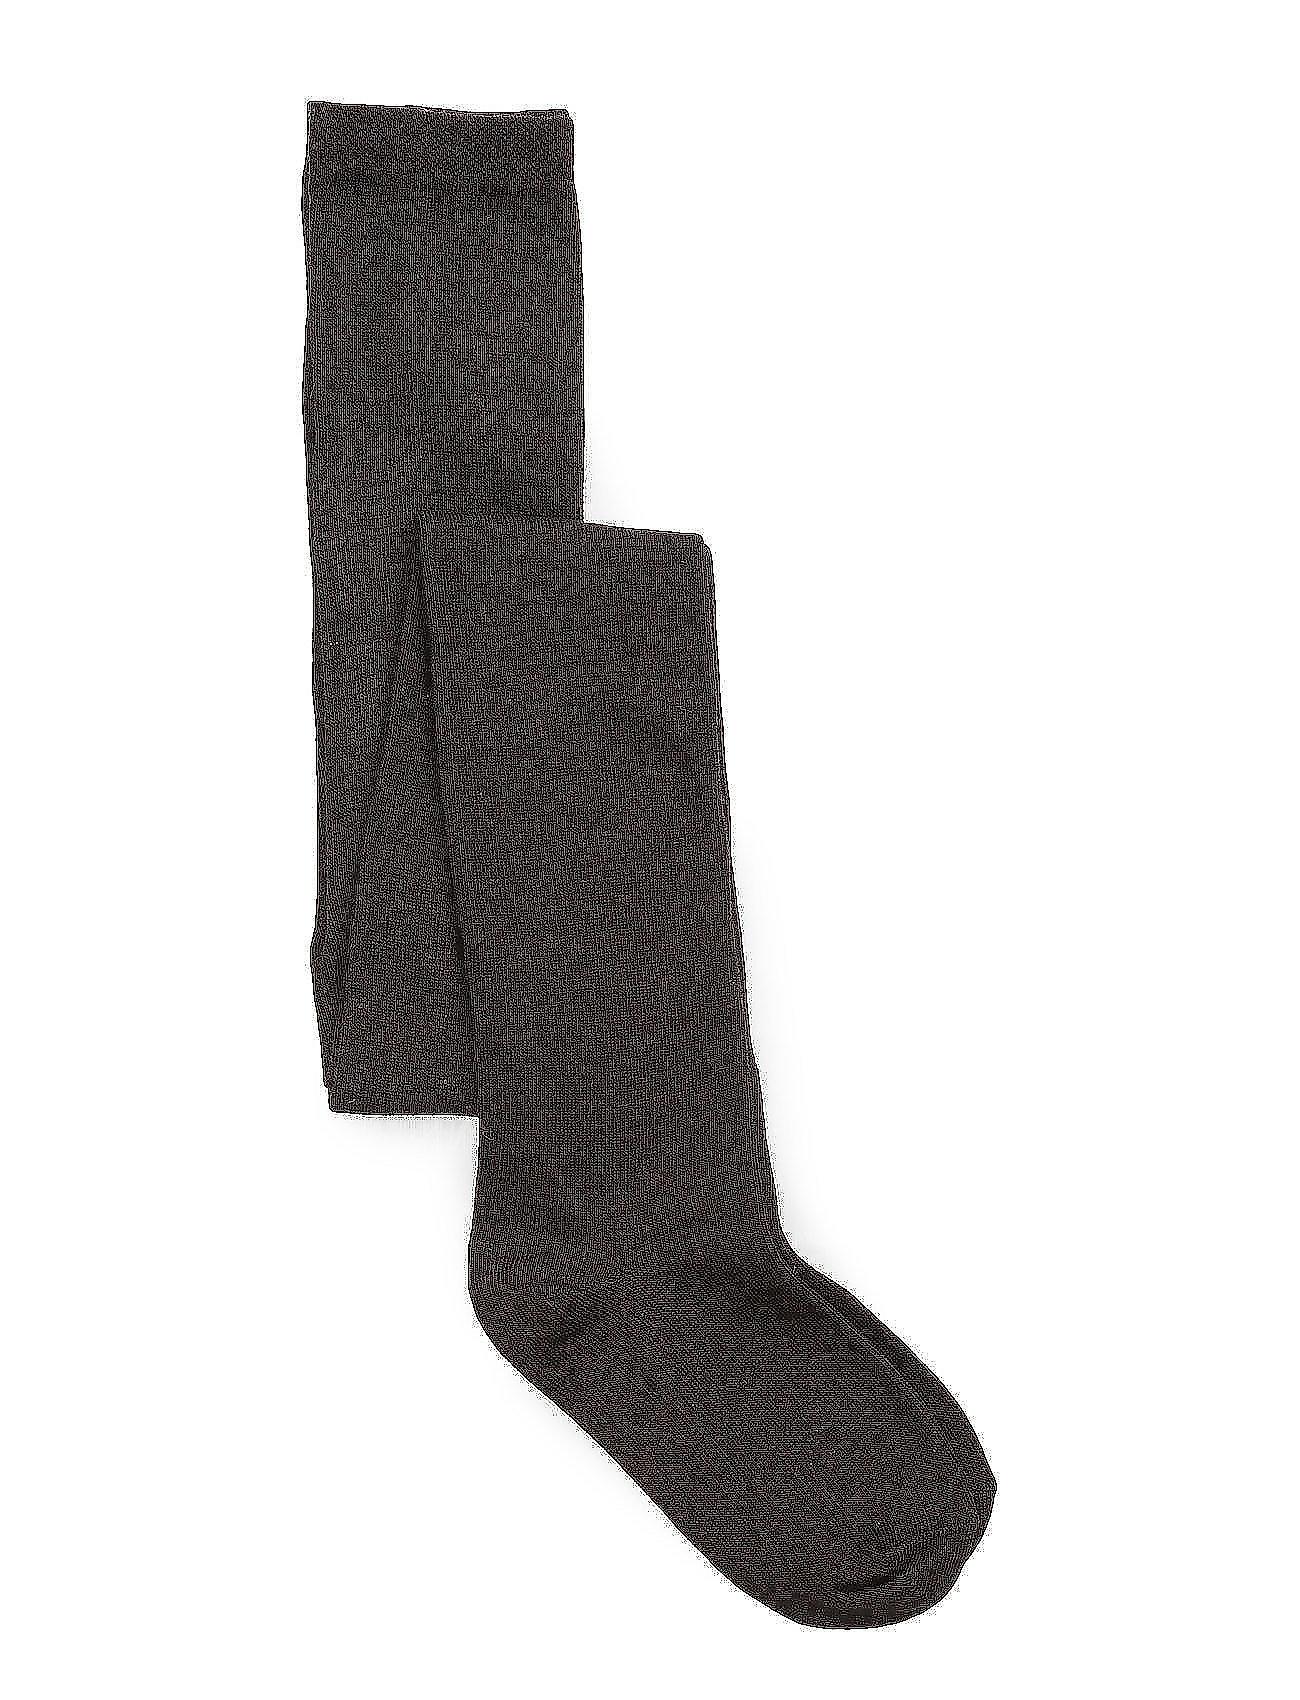 Melton Tight, Plain colour - 190/BLACK